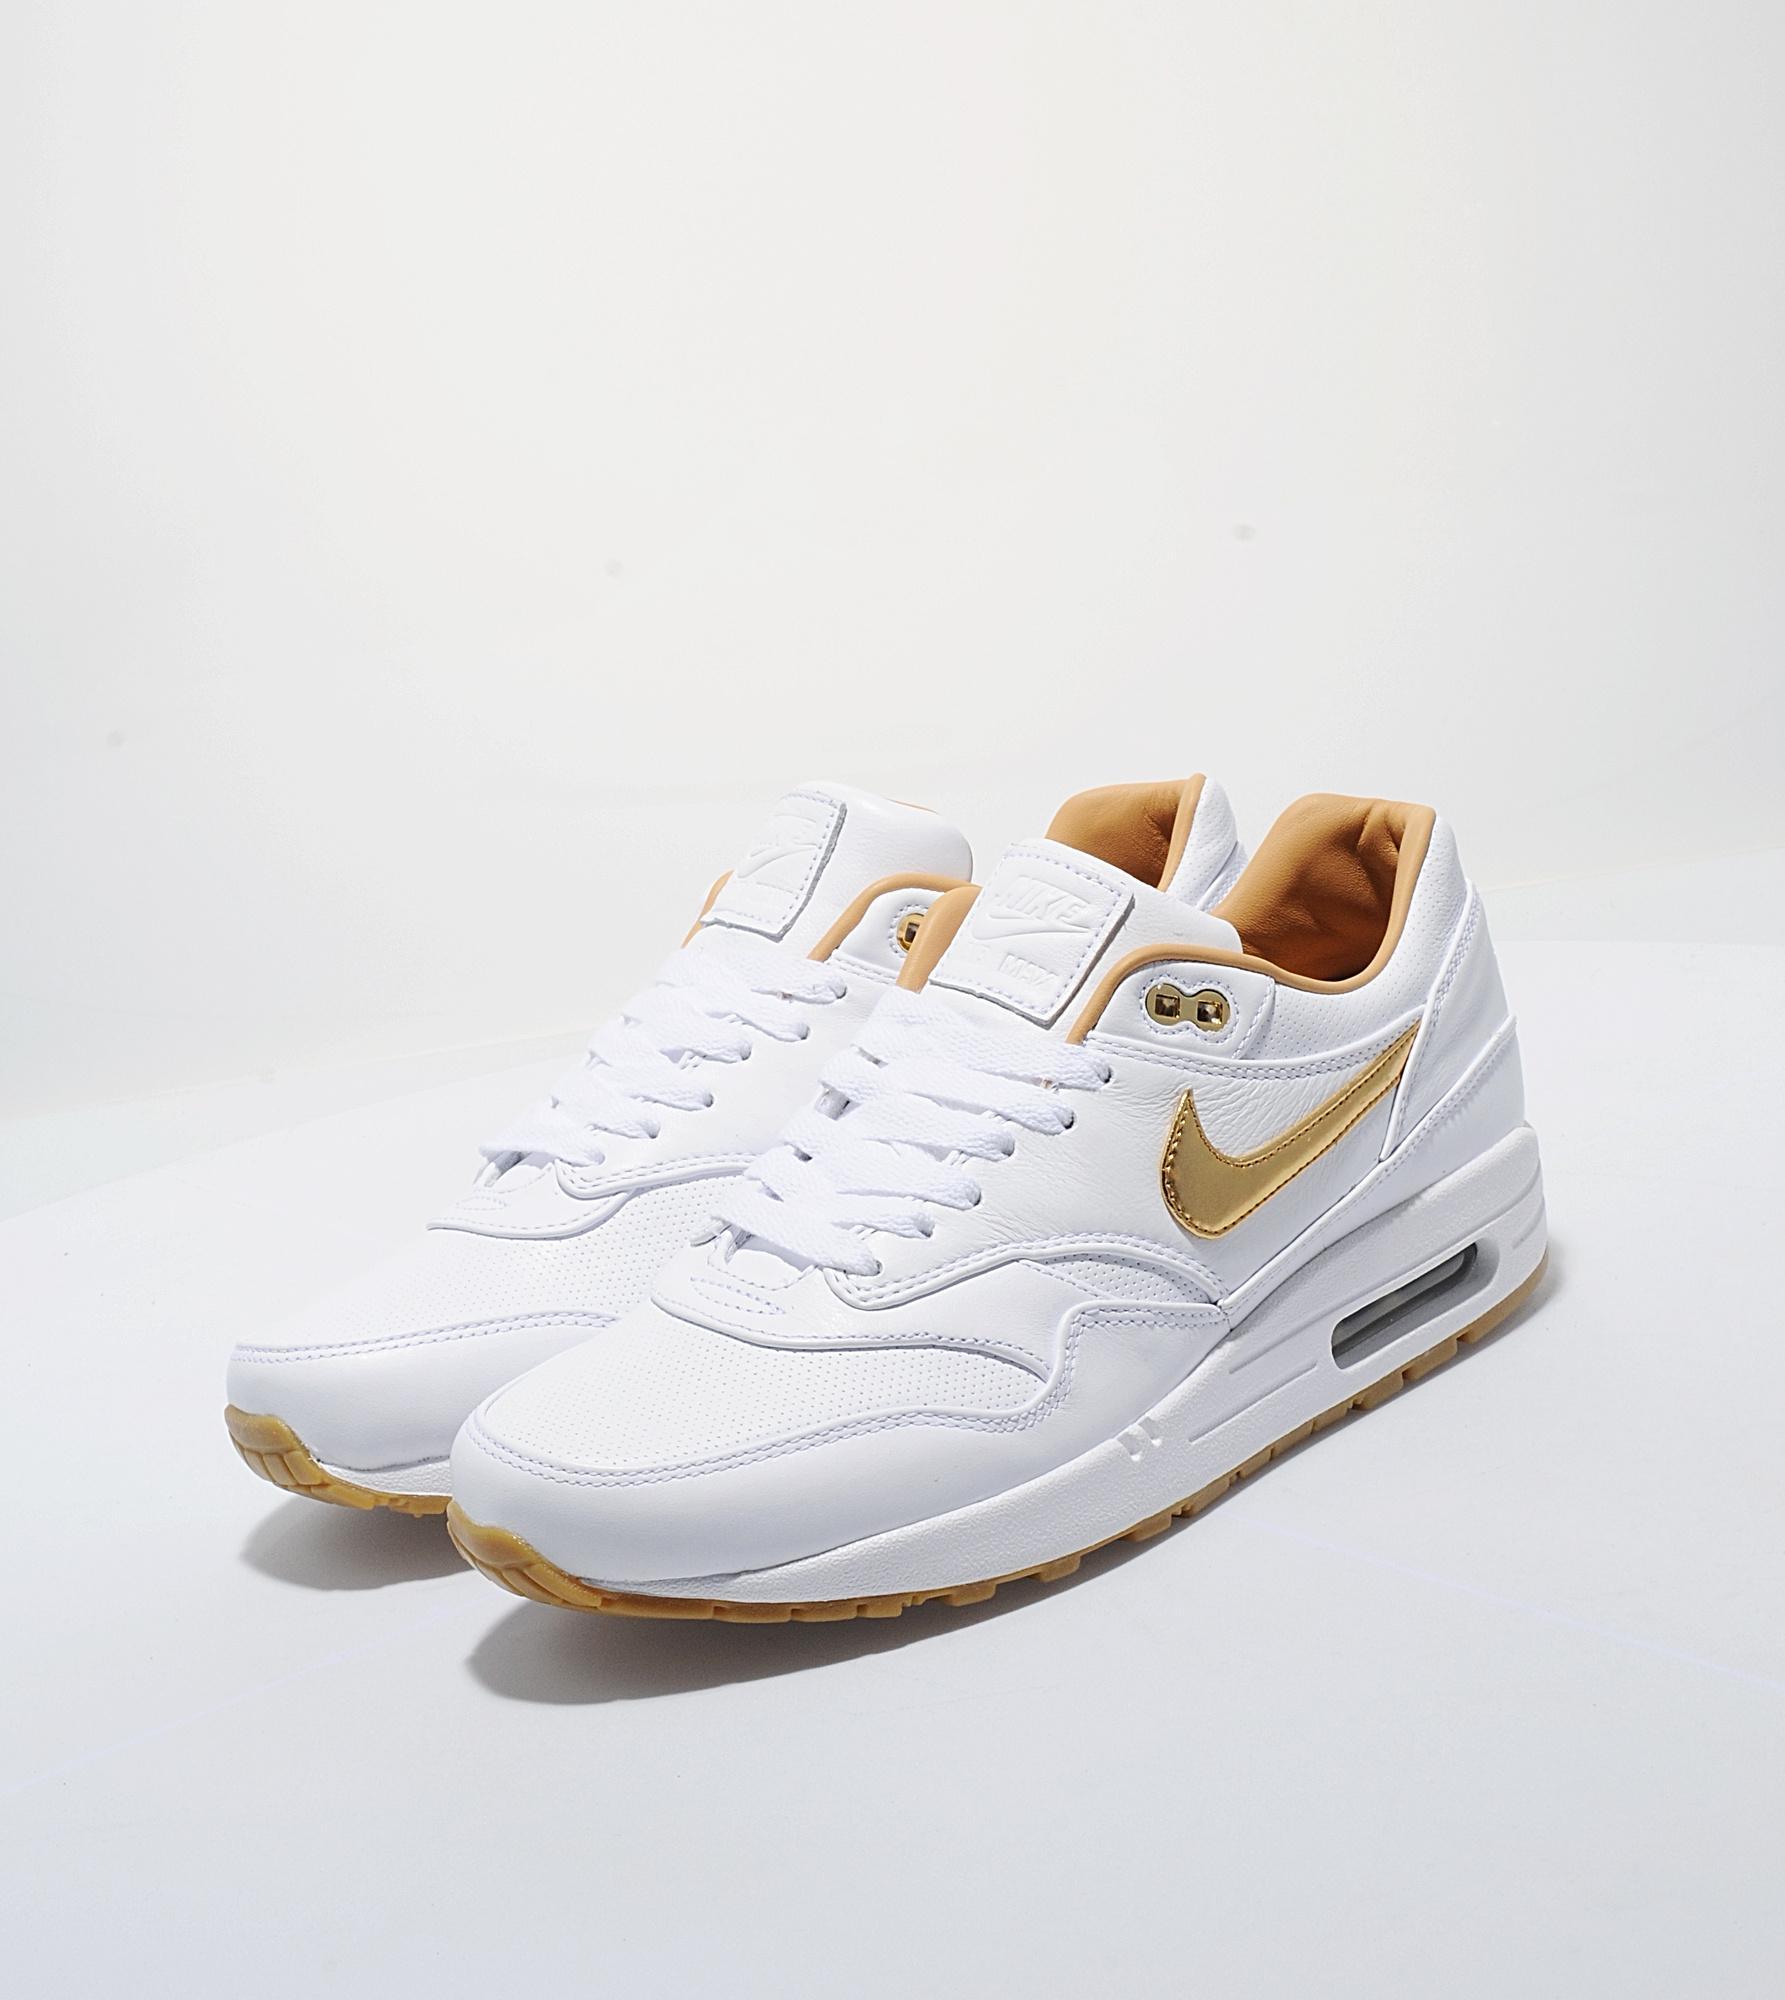 Nike Air Max 1 Size 3